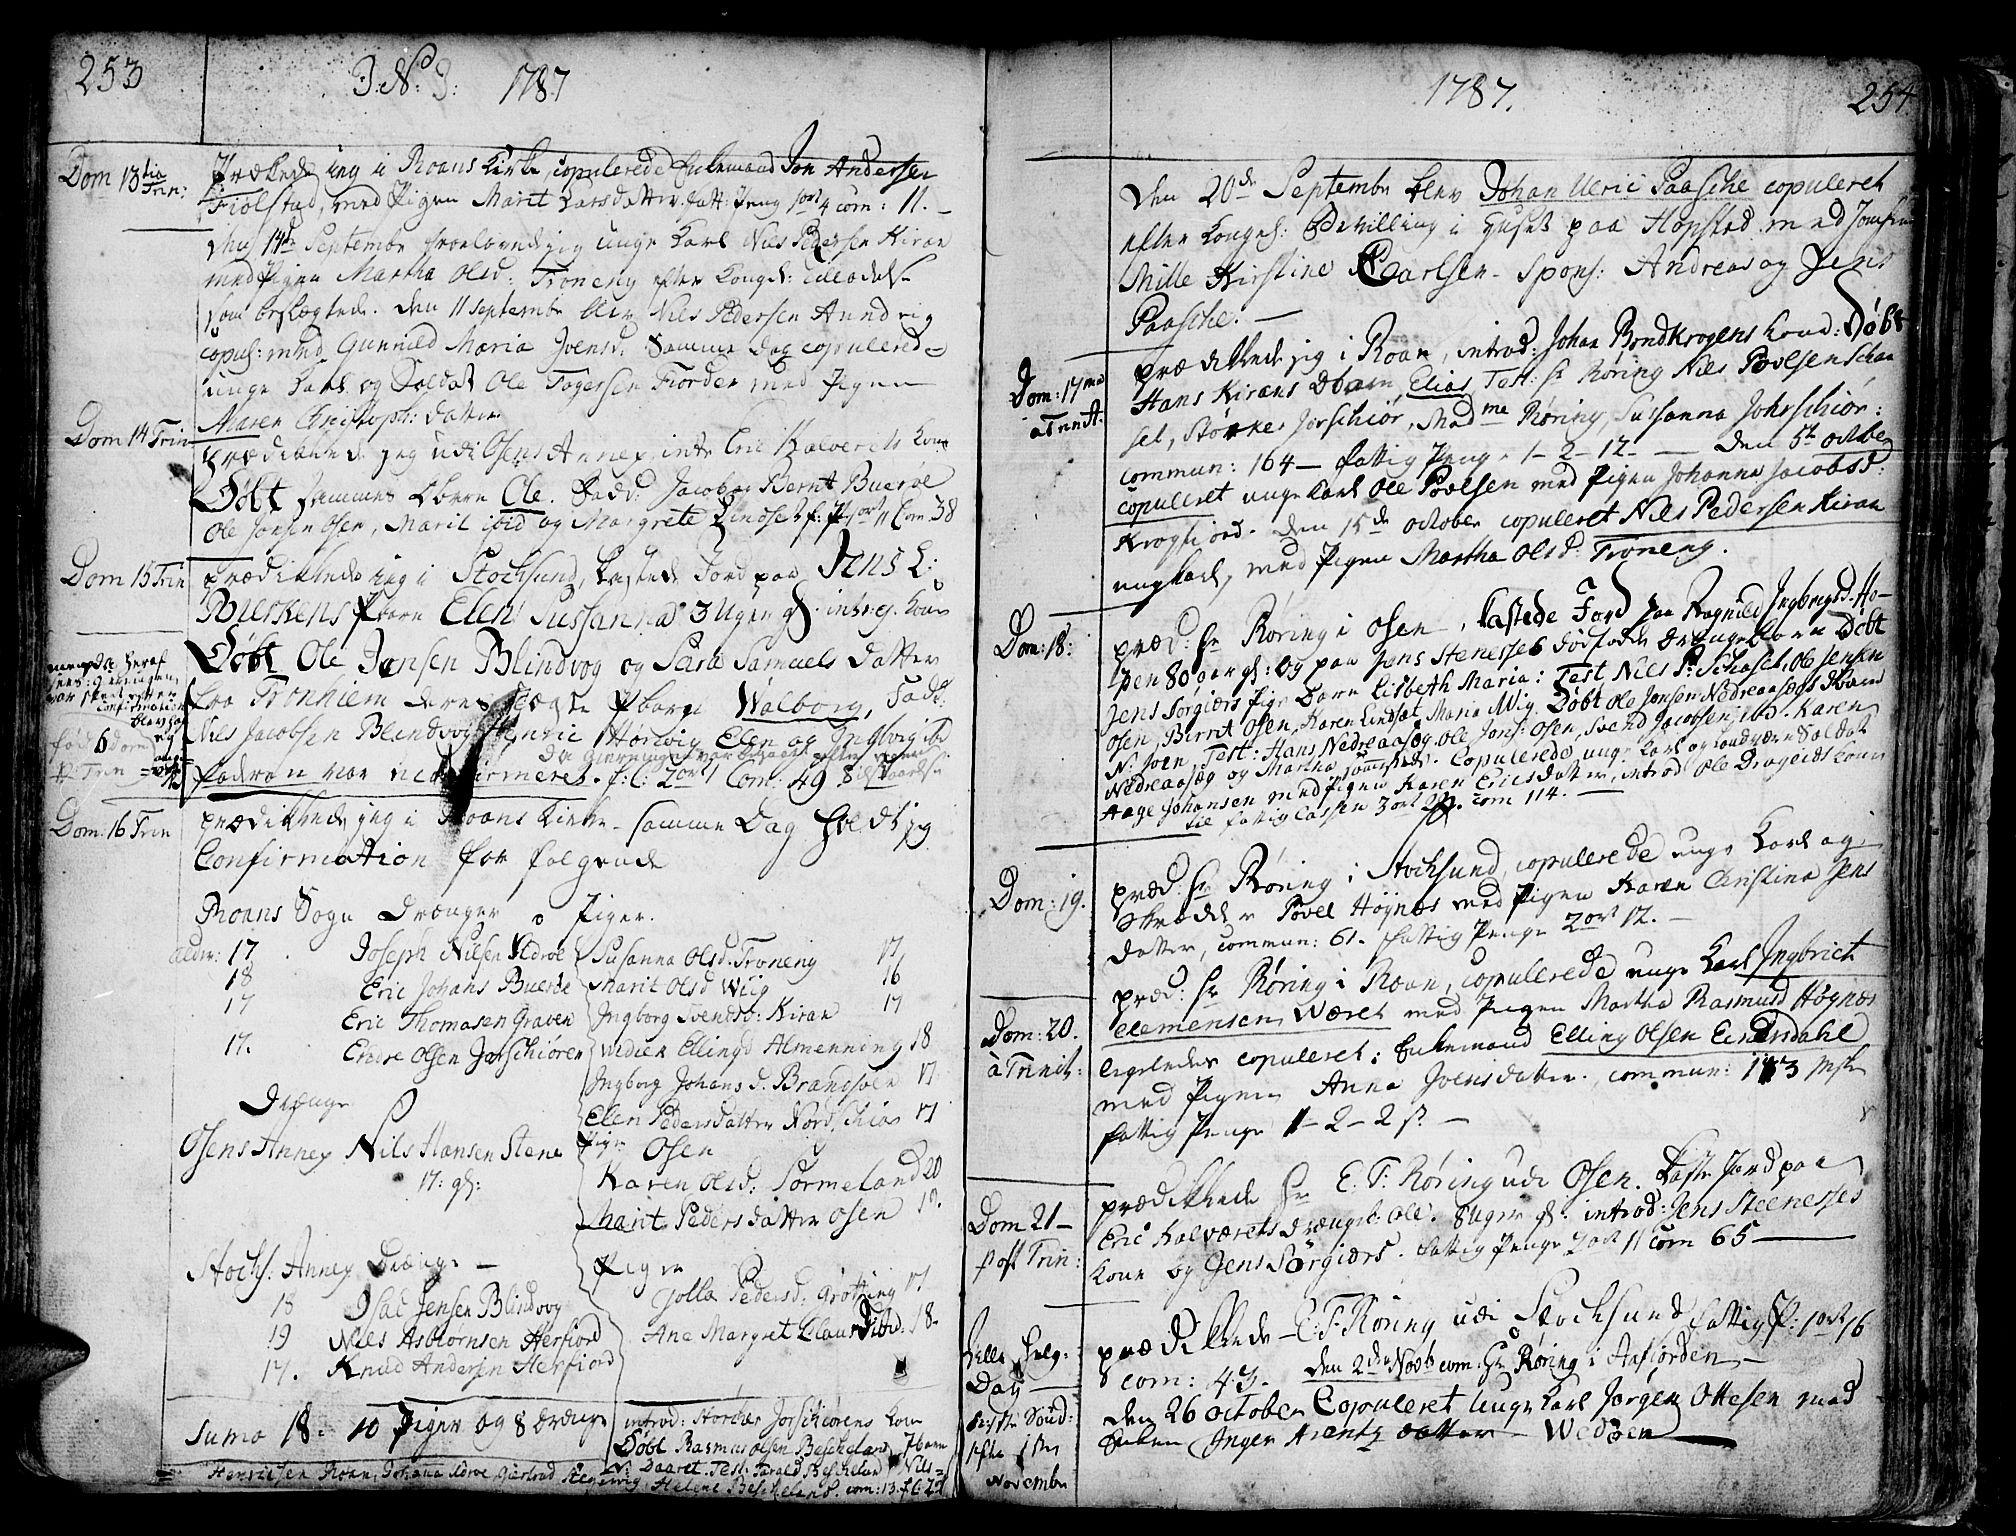 SAT, Ministerialprotokoller, klokkerbøker og fødselsregistre - Sør-Trøndelag, 657/L0700: Ministerialbok nr. 657A01, 1732-1801, s. 353-354